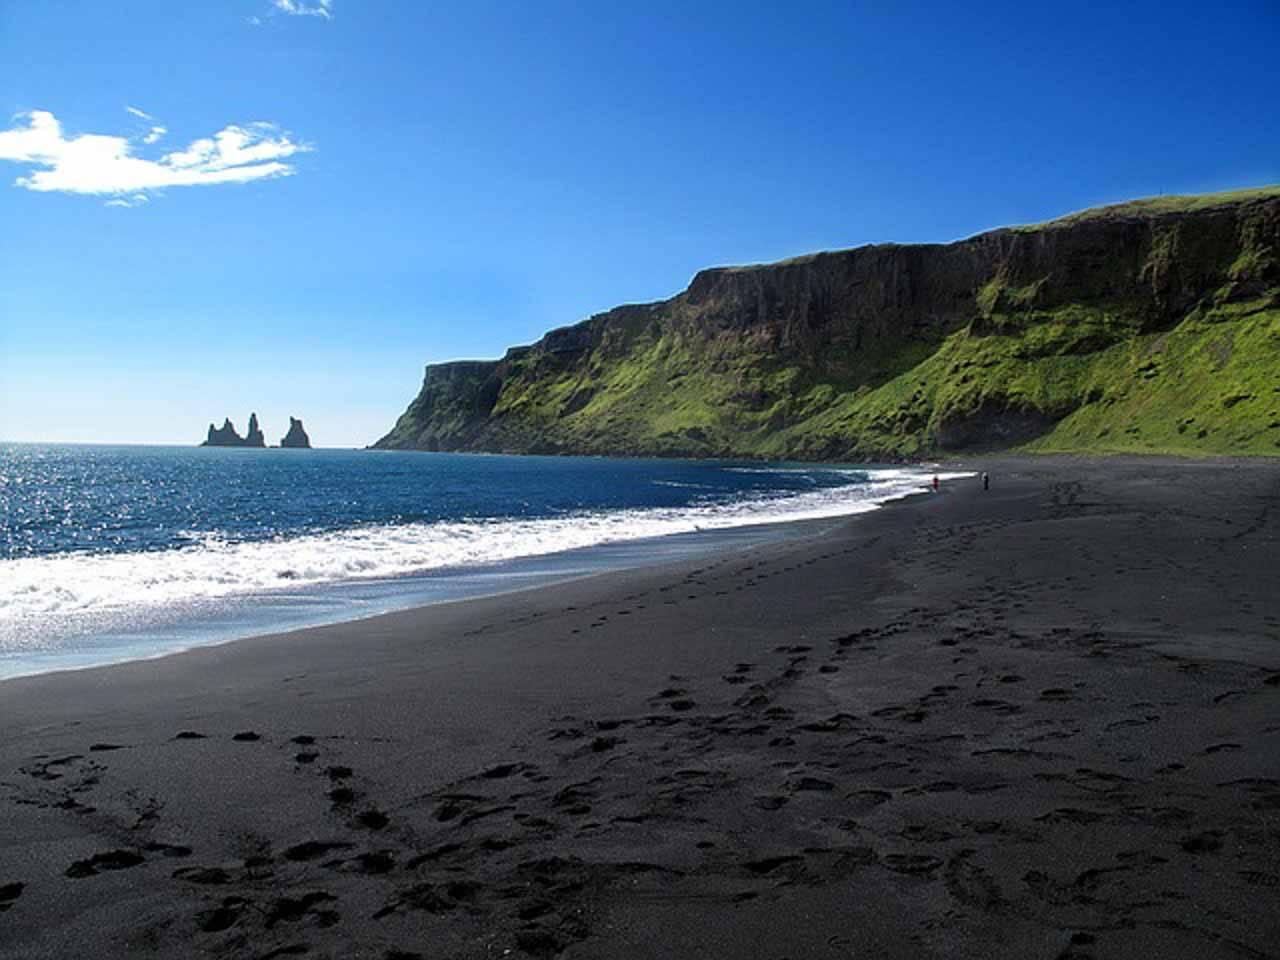 Vík í Mýrdal beach, praia de areia preta na Islândia.